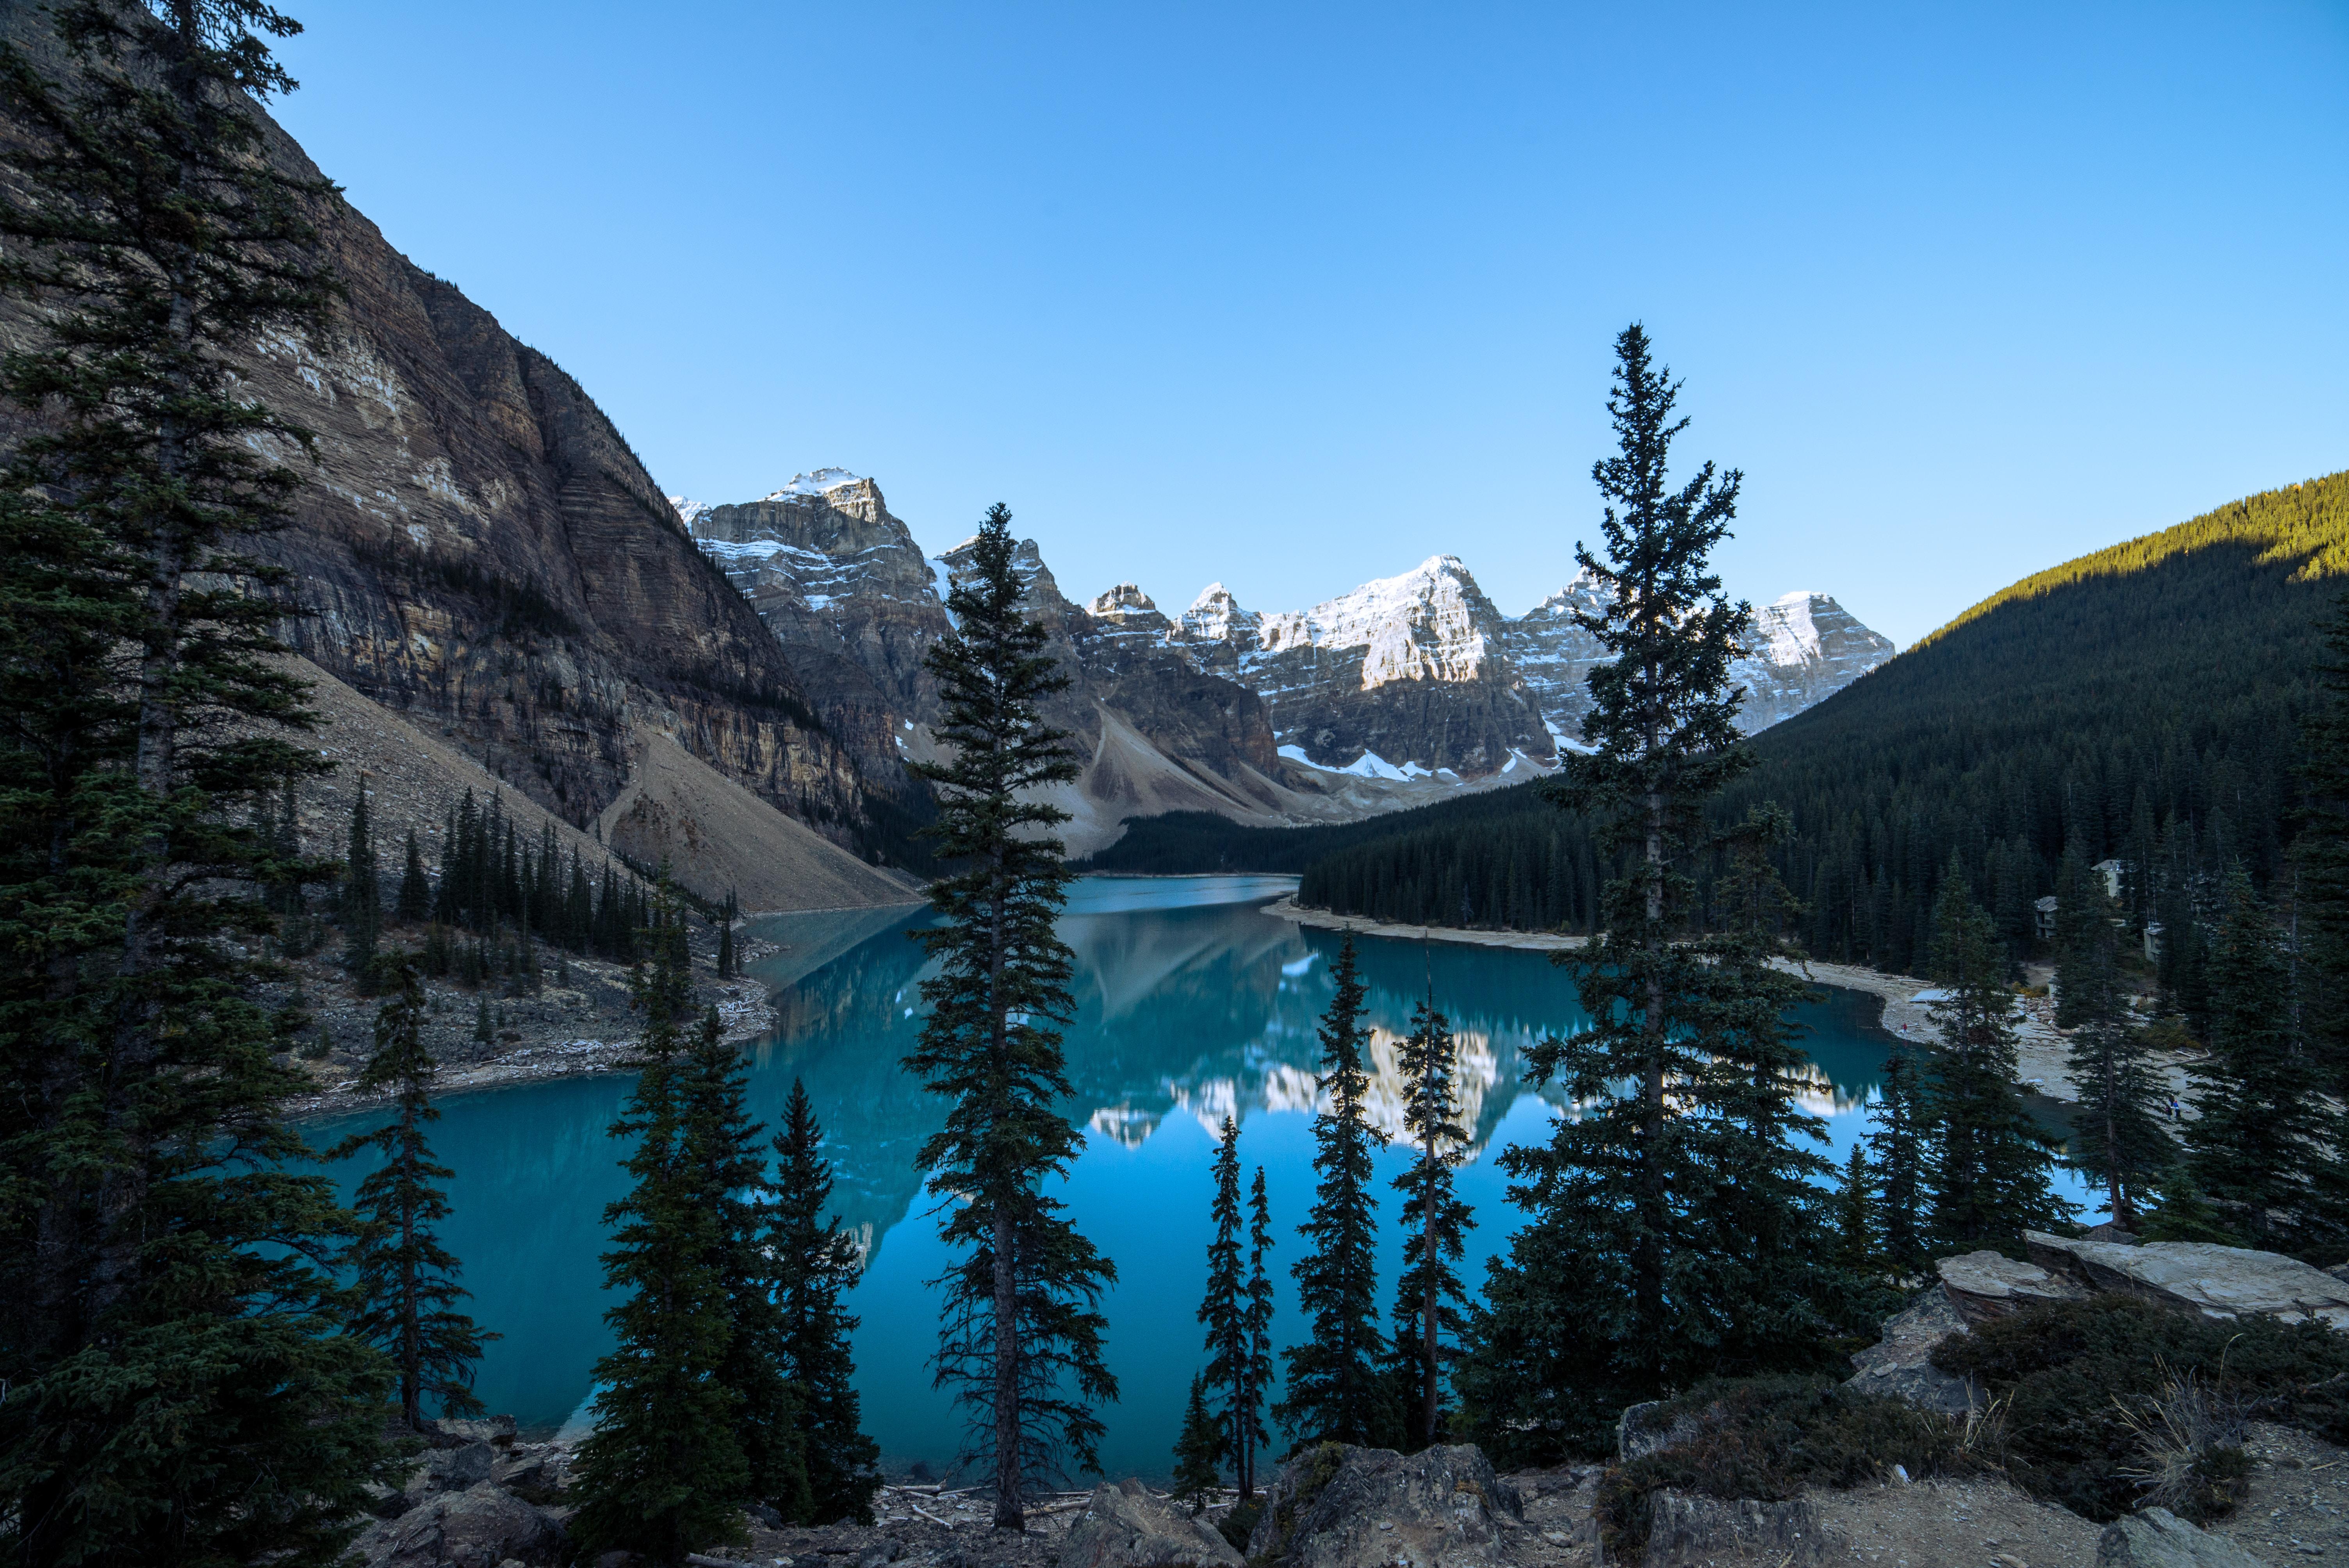 mountain near lake at daytime